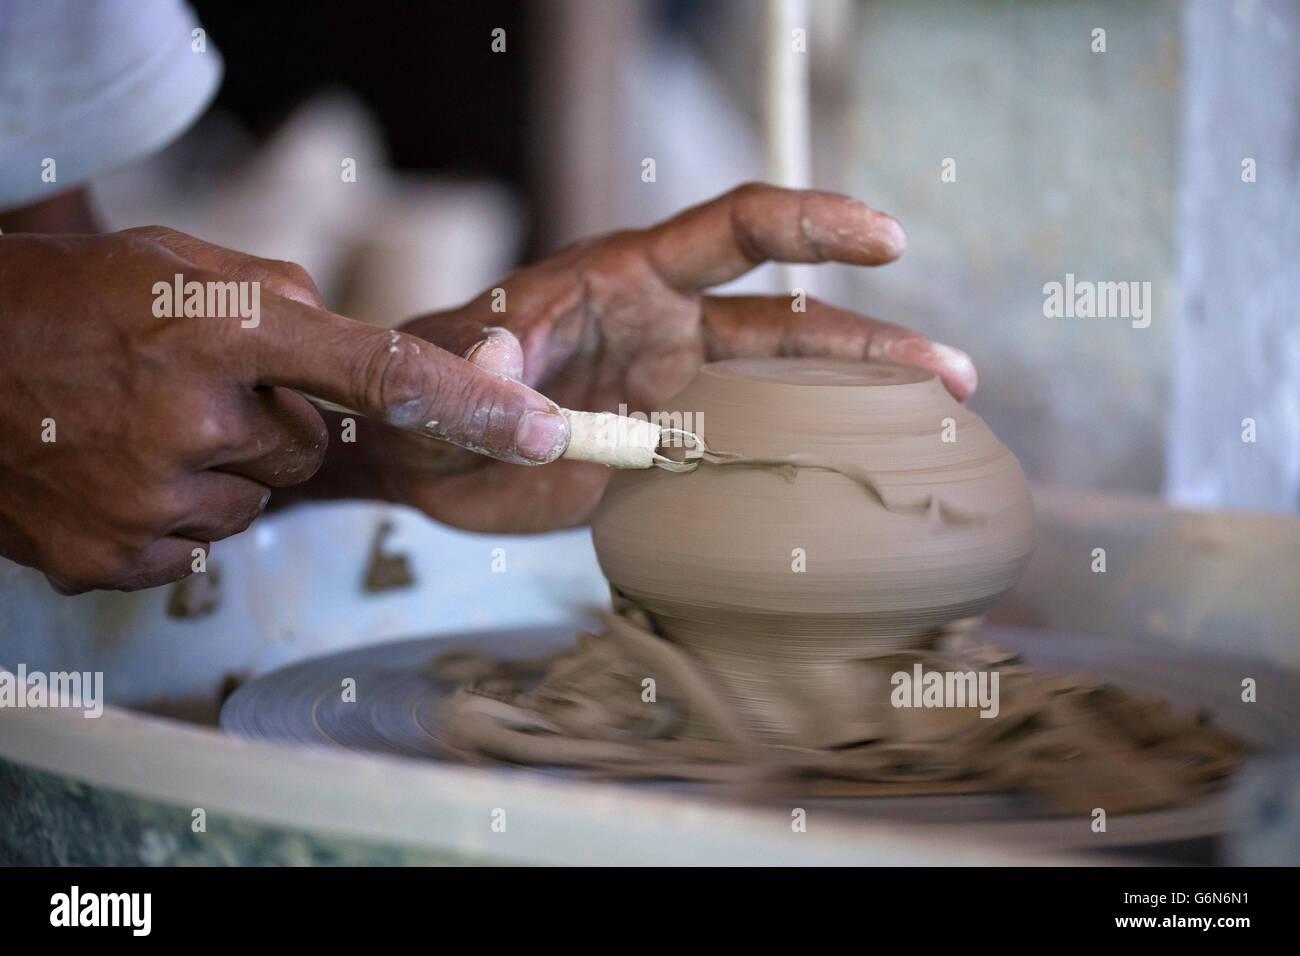 Hombre trabajando en un taller de alfarería Foto de stock